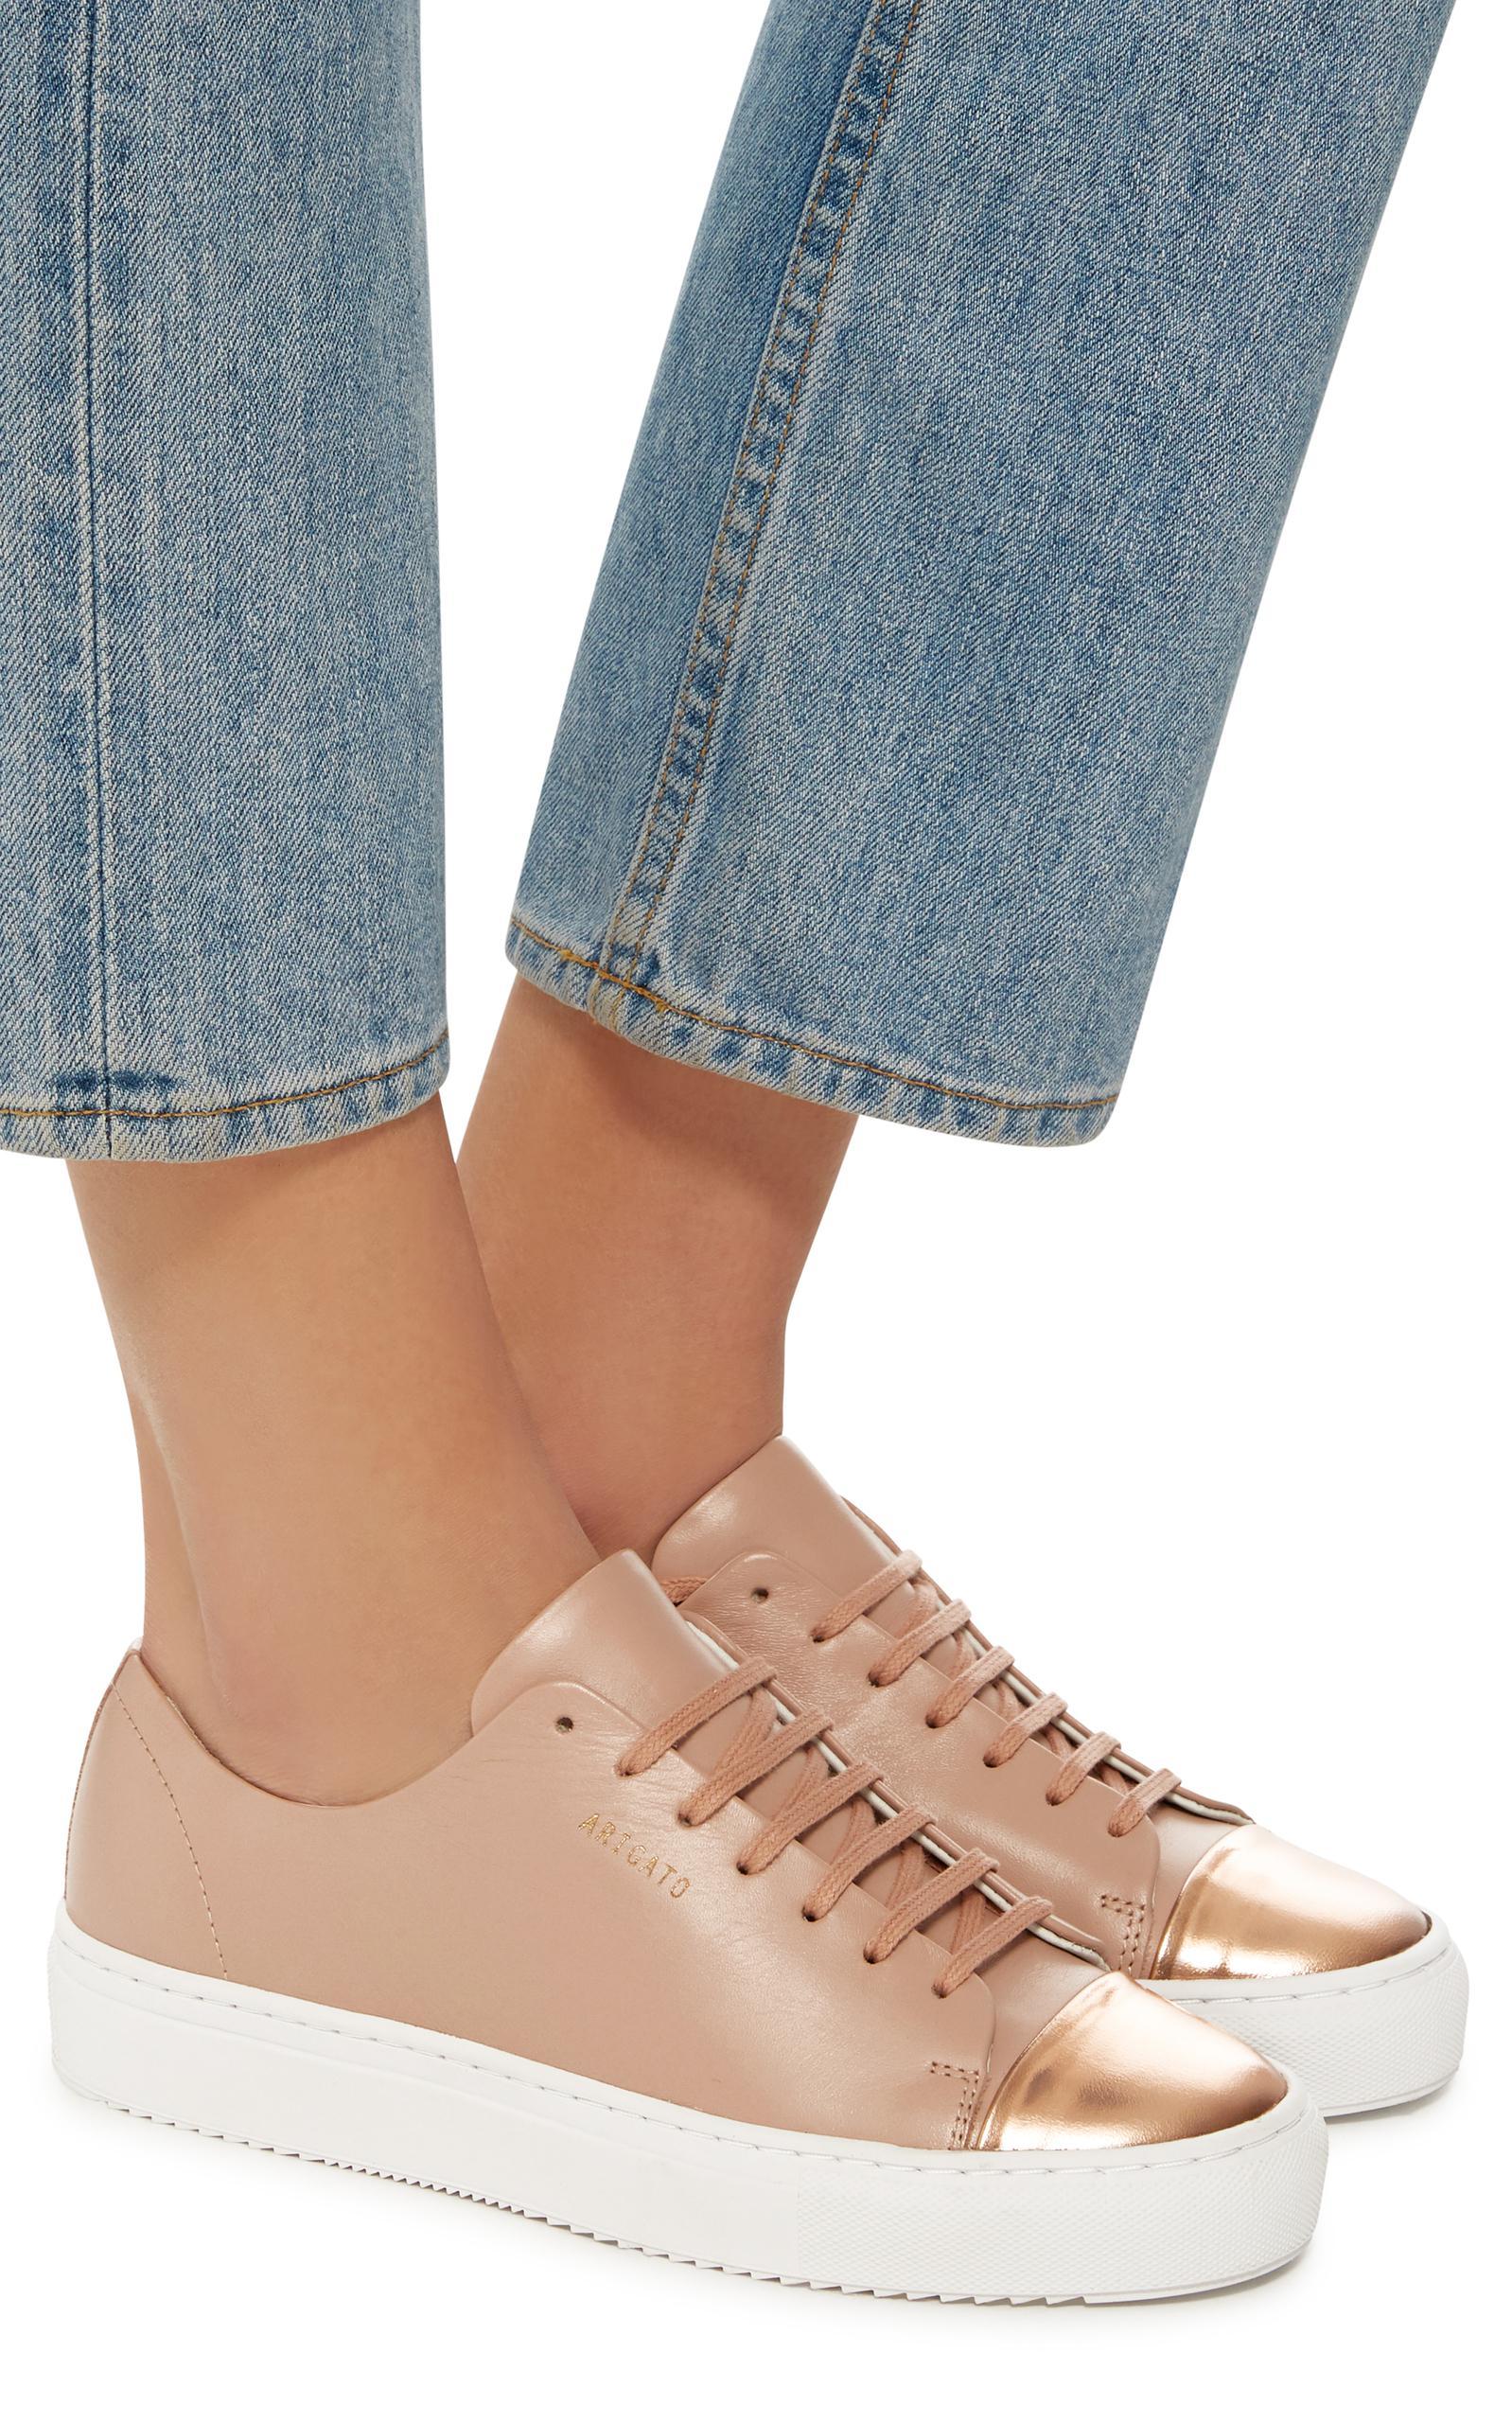 sélectionner pour l'original site réputé Nouvelle Women's Pink Cap Toe Leather Sneaker